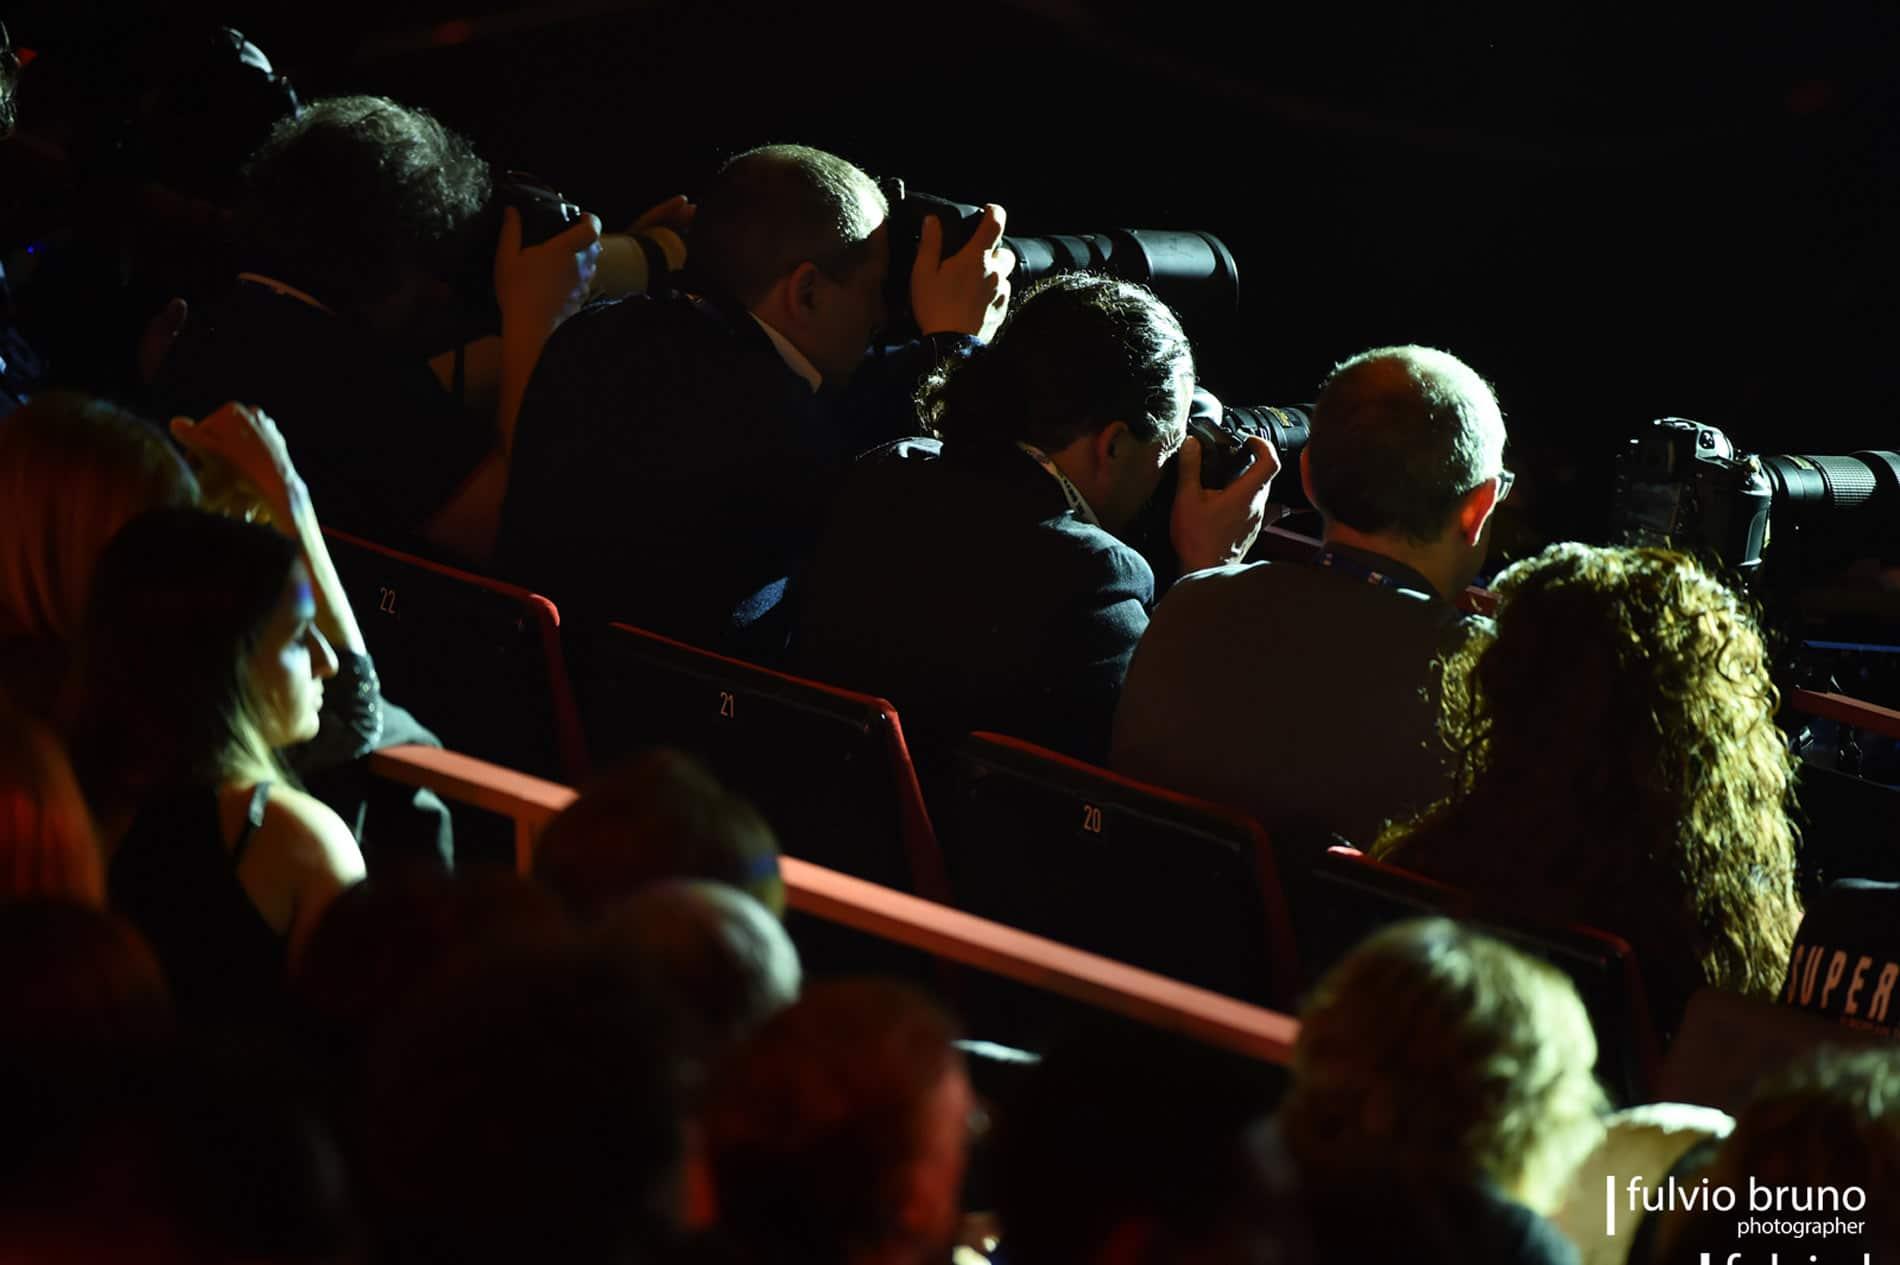 La settimana del Festival è un frenetico rincorrersi per le strade di Sanremo di cantanti, vip, ma anche giornalisti e fotografi sempre pronti allo scatto che garantirà l'esclusiva della star…